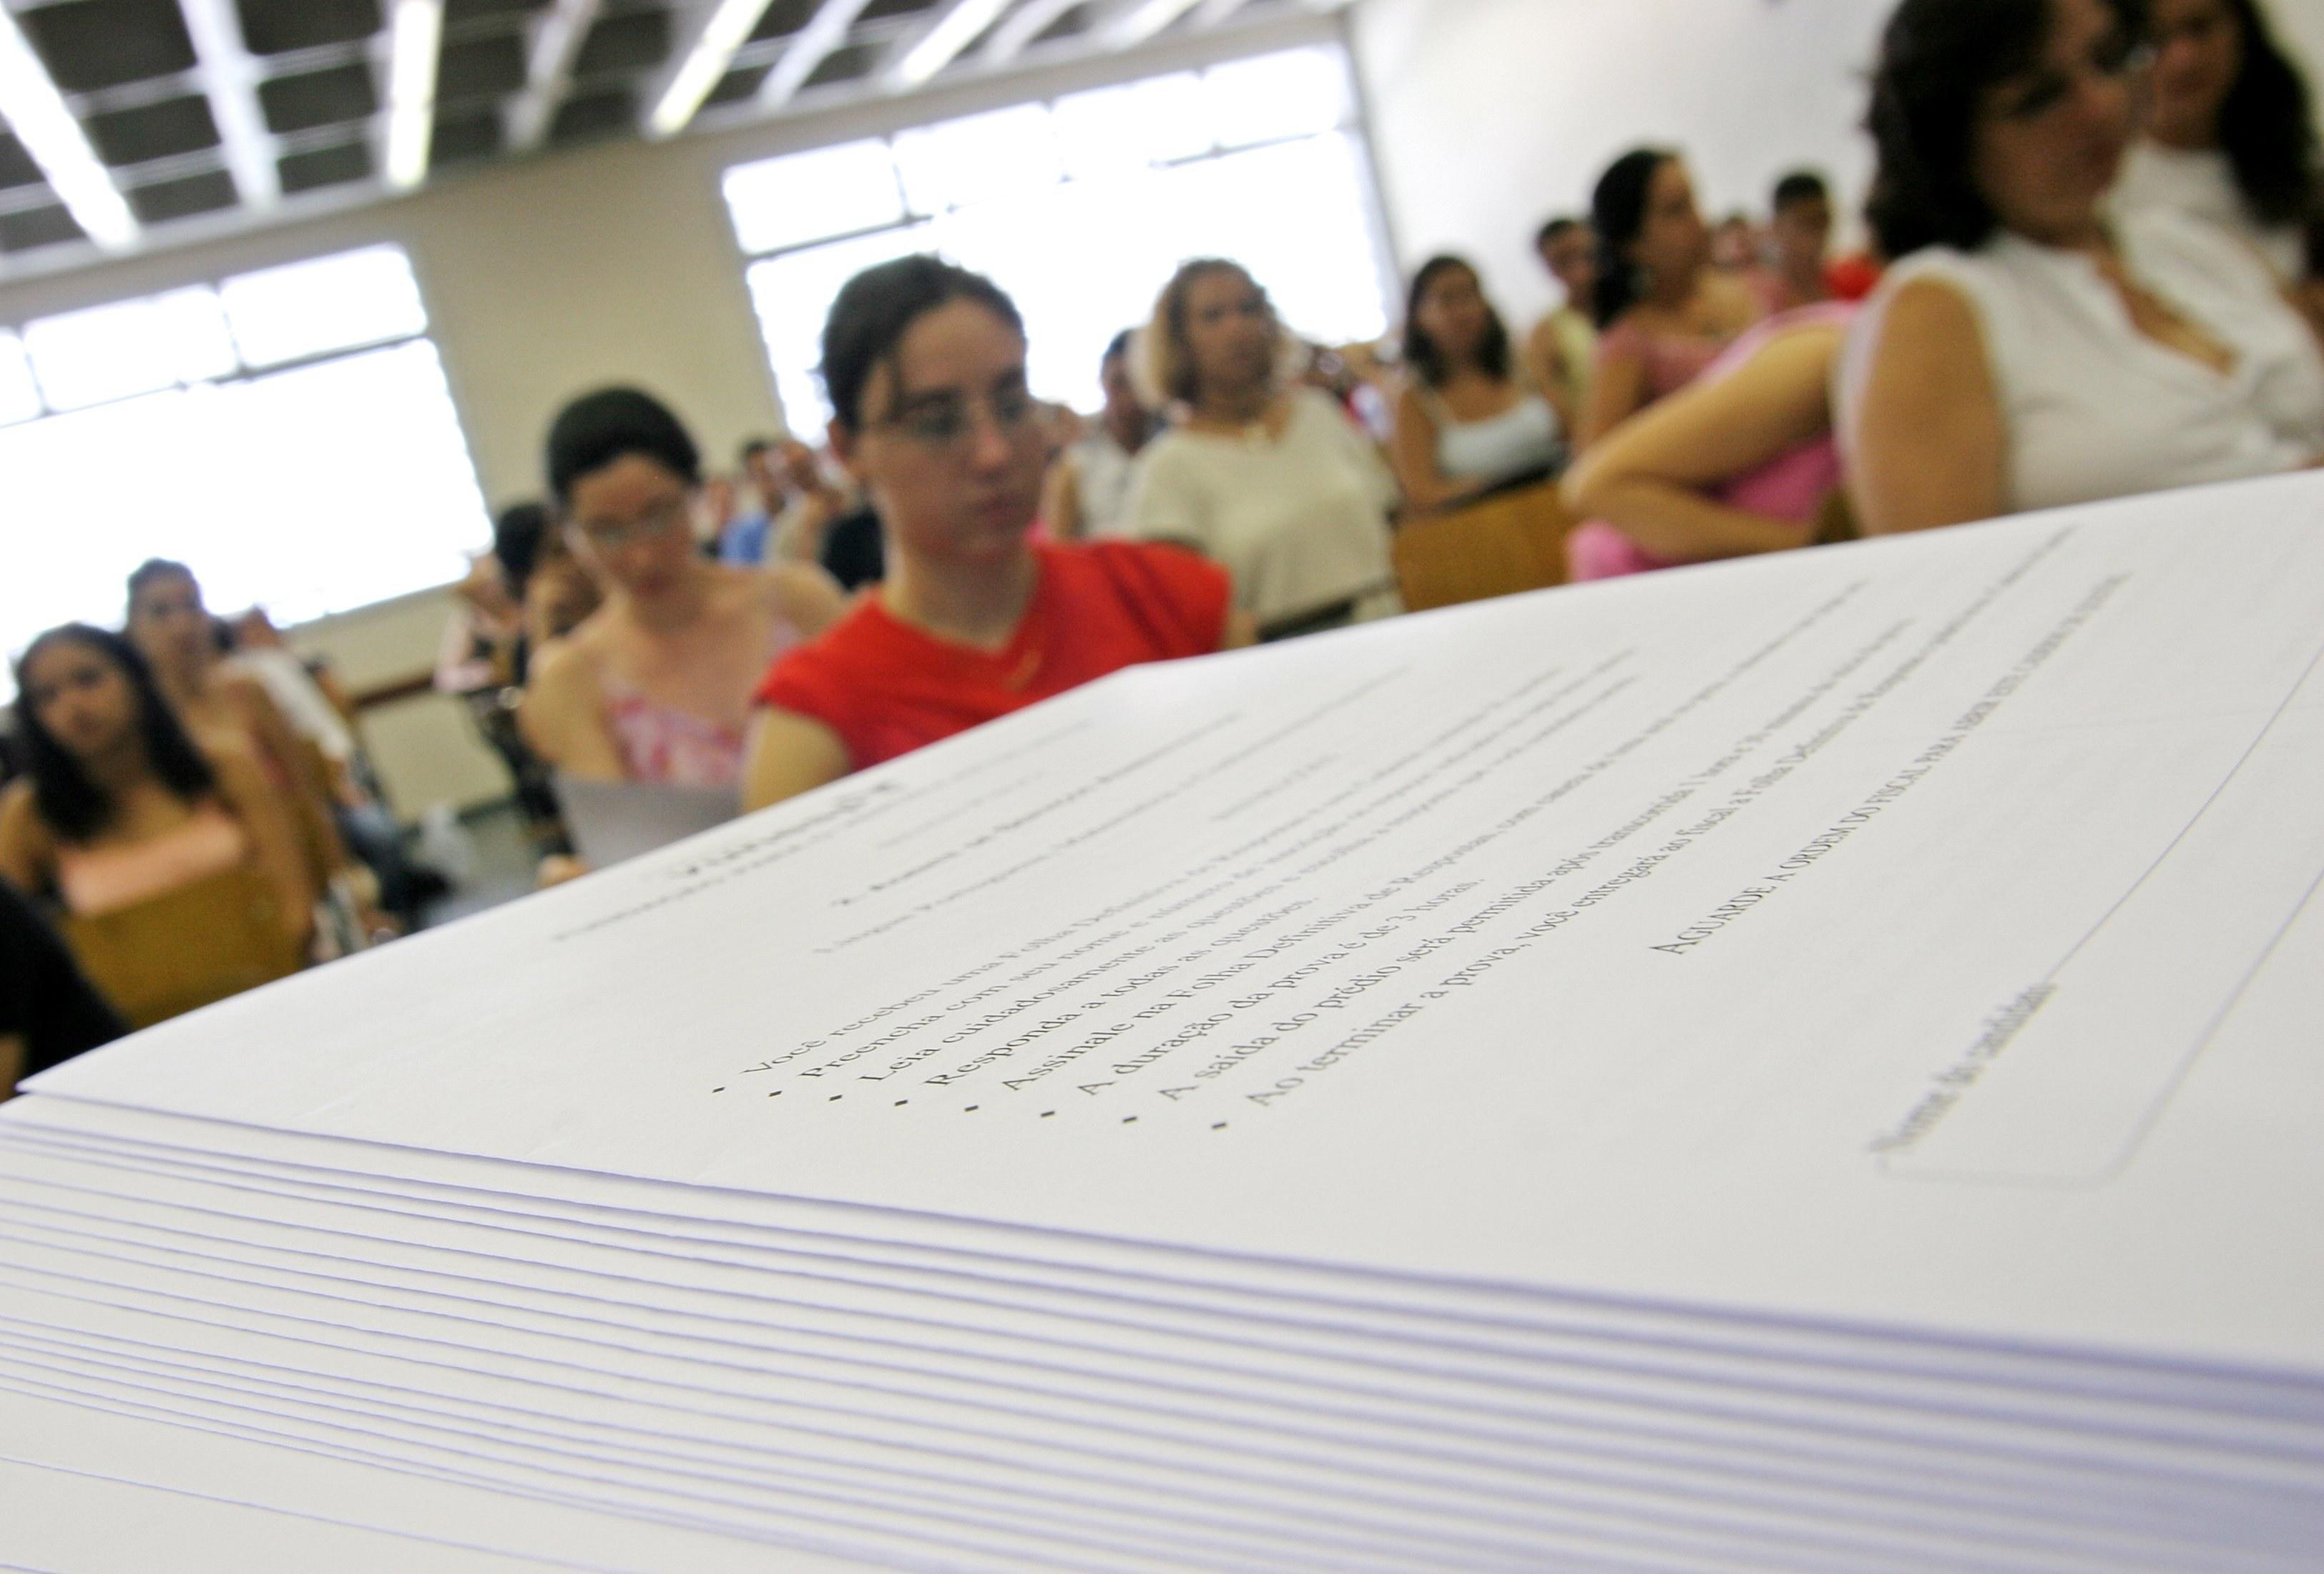 Quase 200 concursos abrem inscrições com salários de até R$ 35 mil - Imagem 1